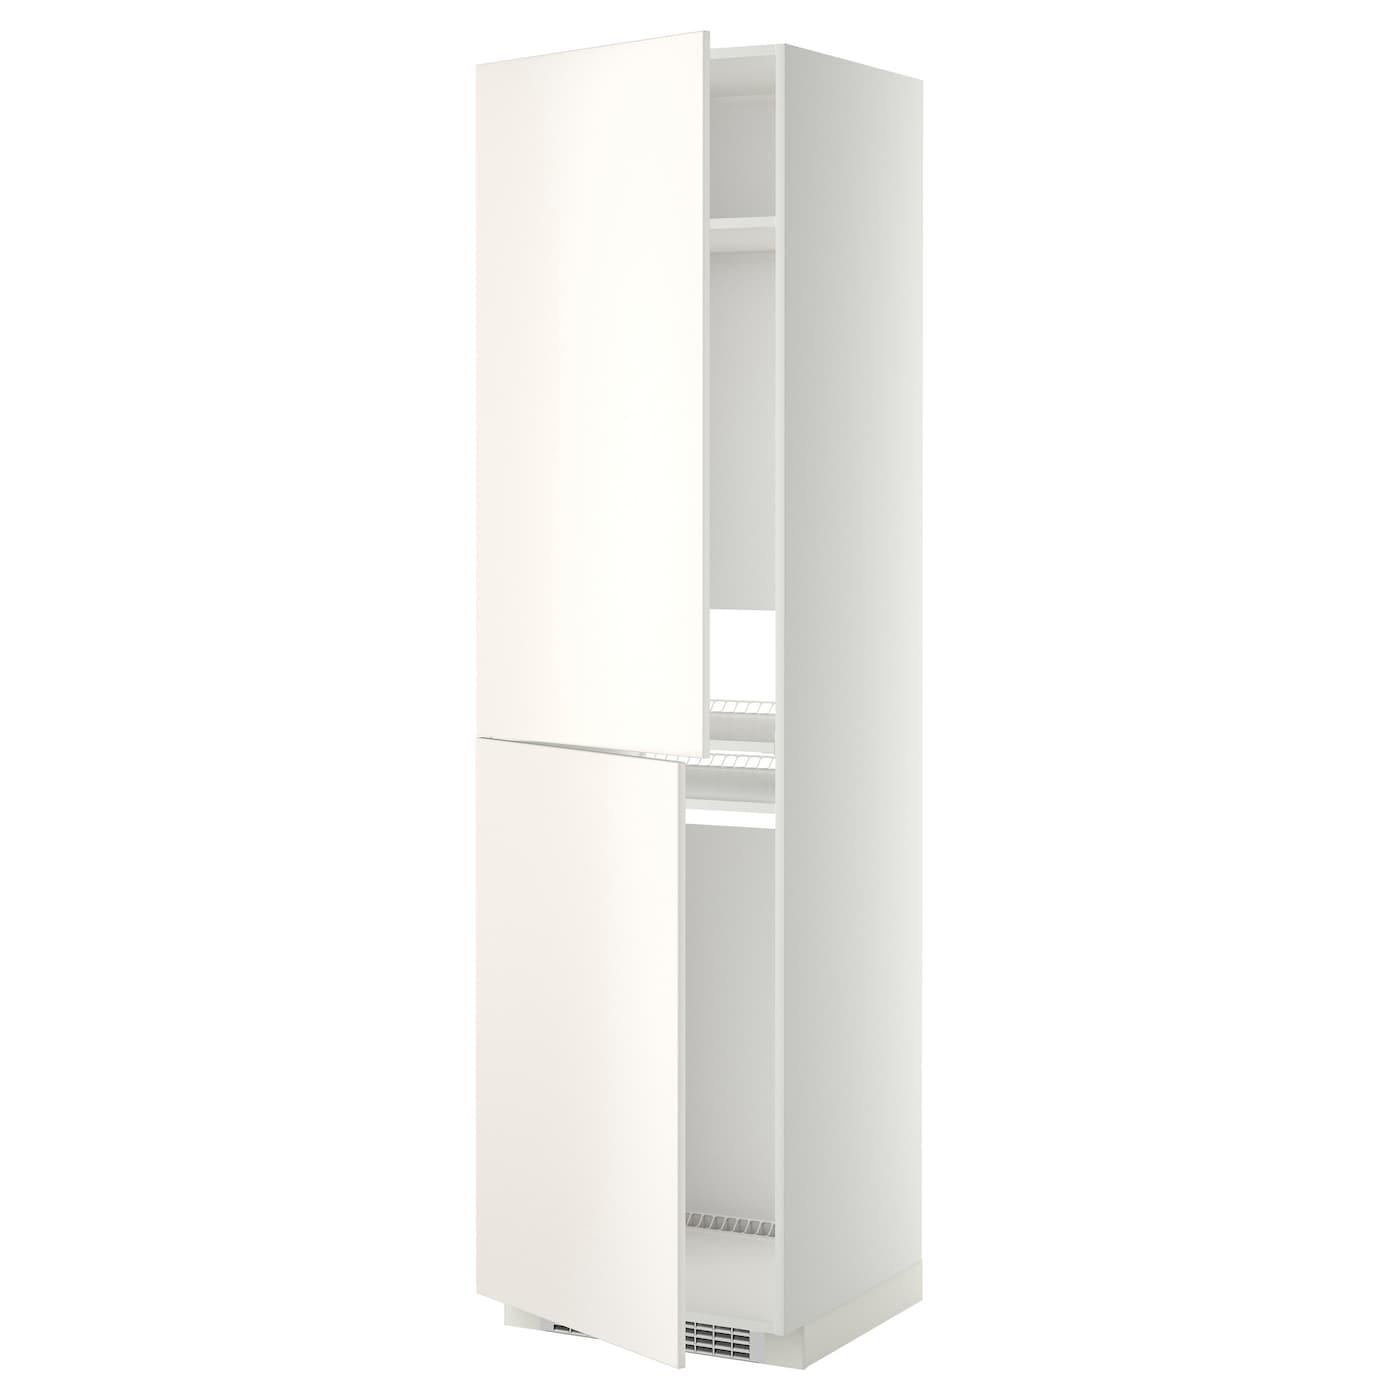 METOD, Hochschrank für Kühl-/Gefrierschrank, weiß 499.207.09